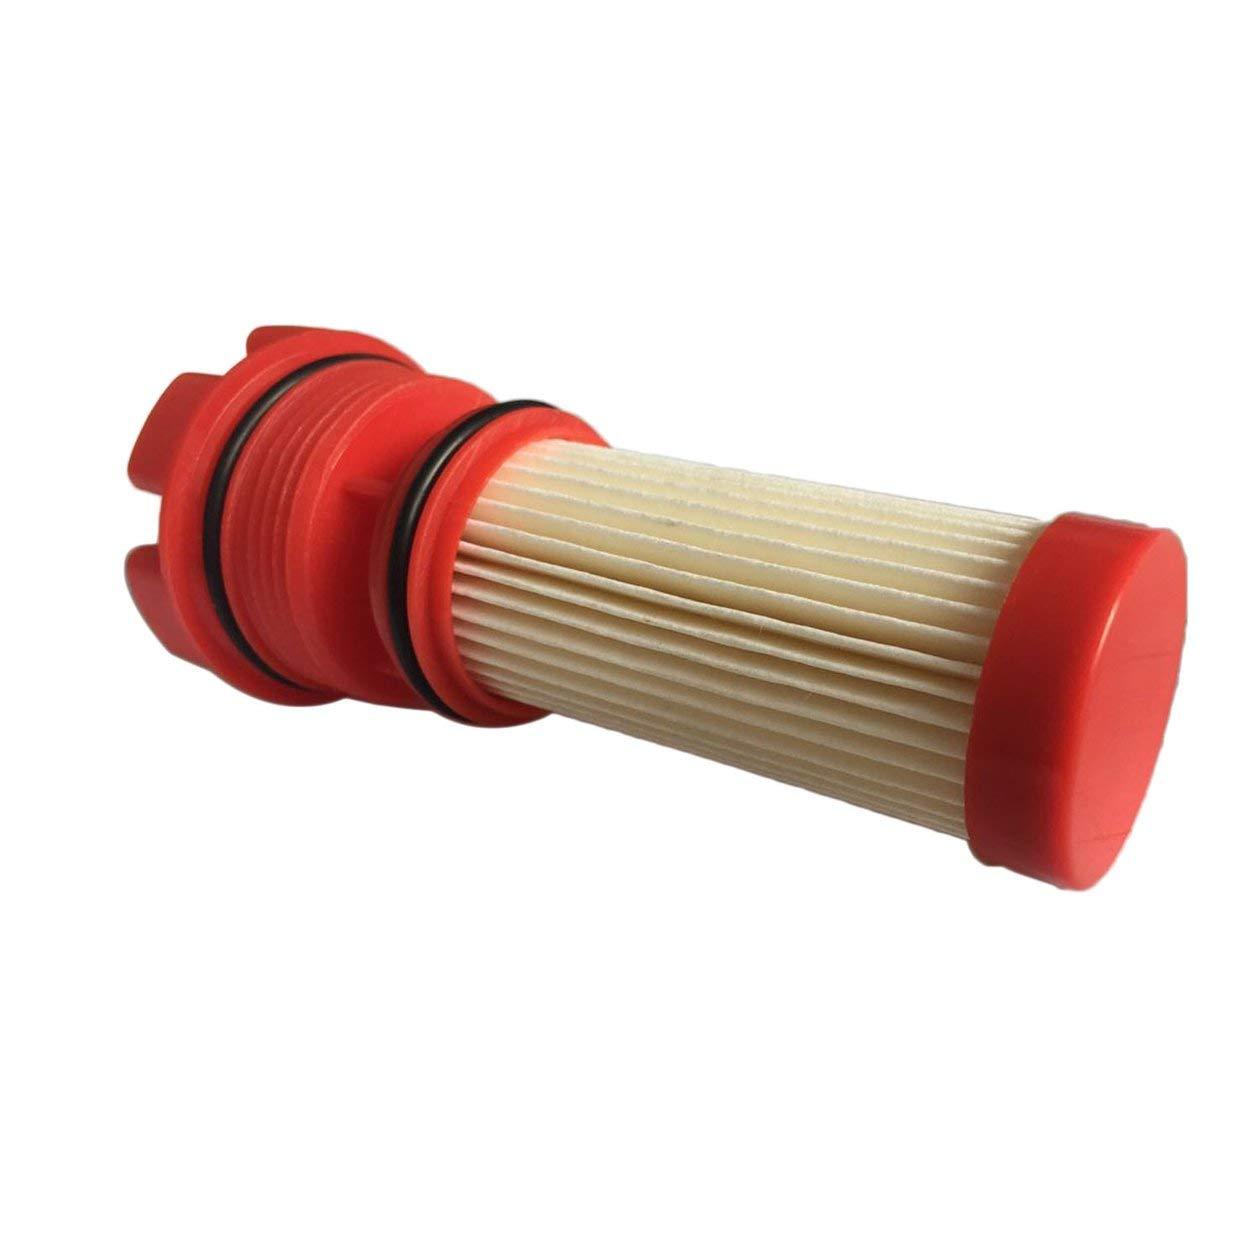 Filtre /à carburant rouge 35-884380T 35-8M0020349 pour Mercury DFI OptiMax Verado couleur: rouge